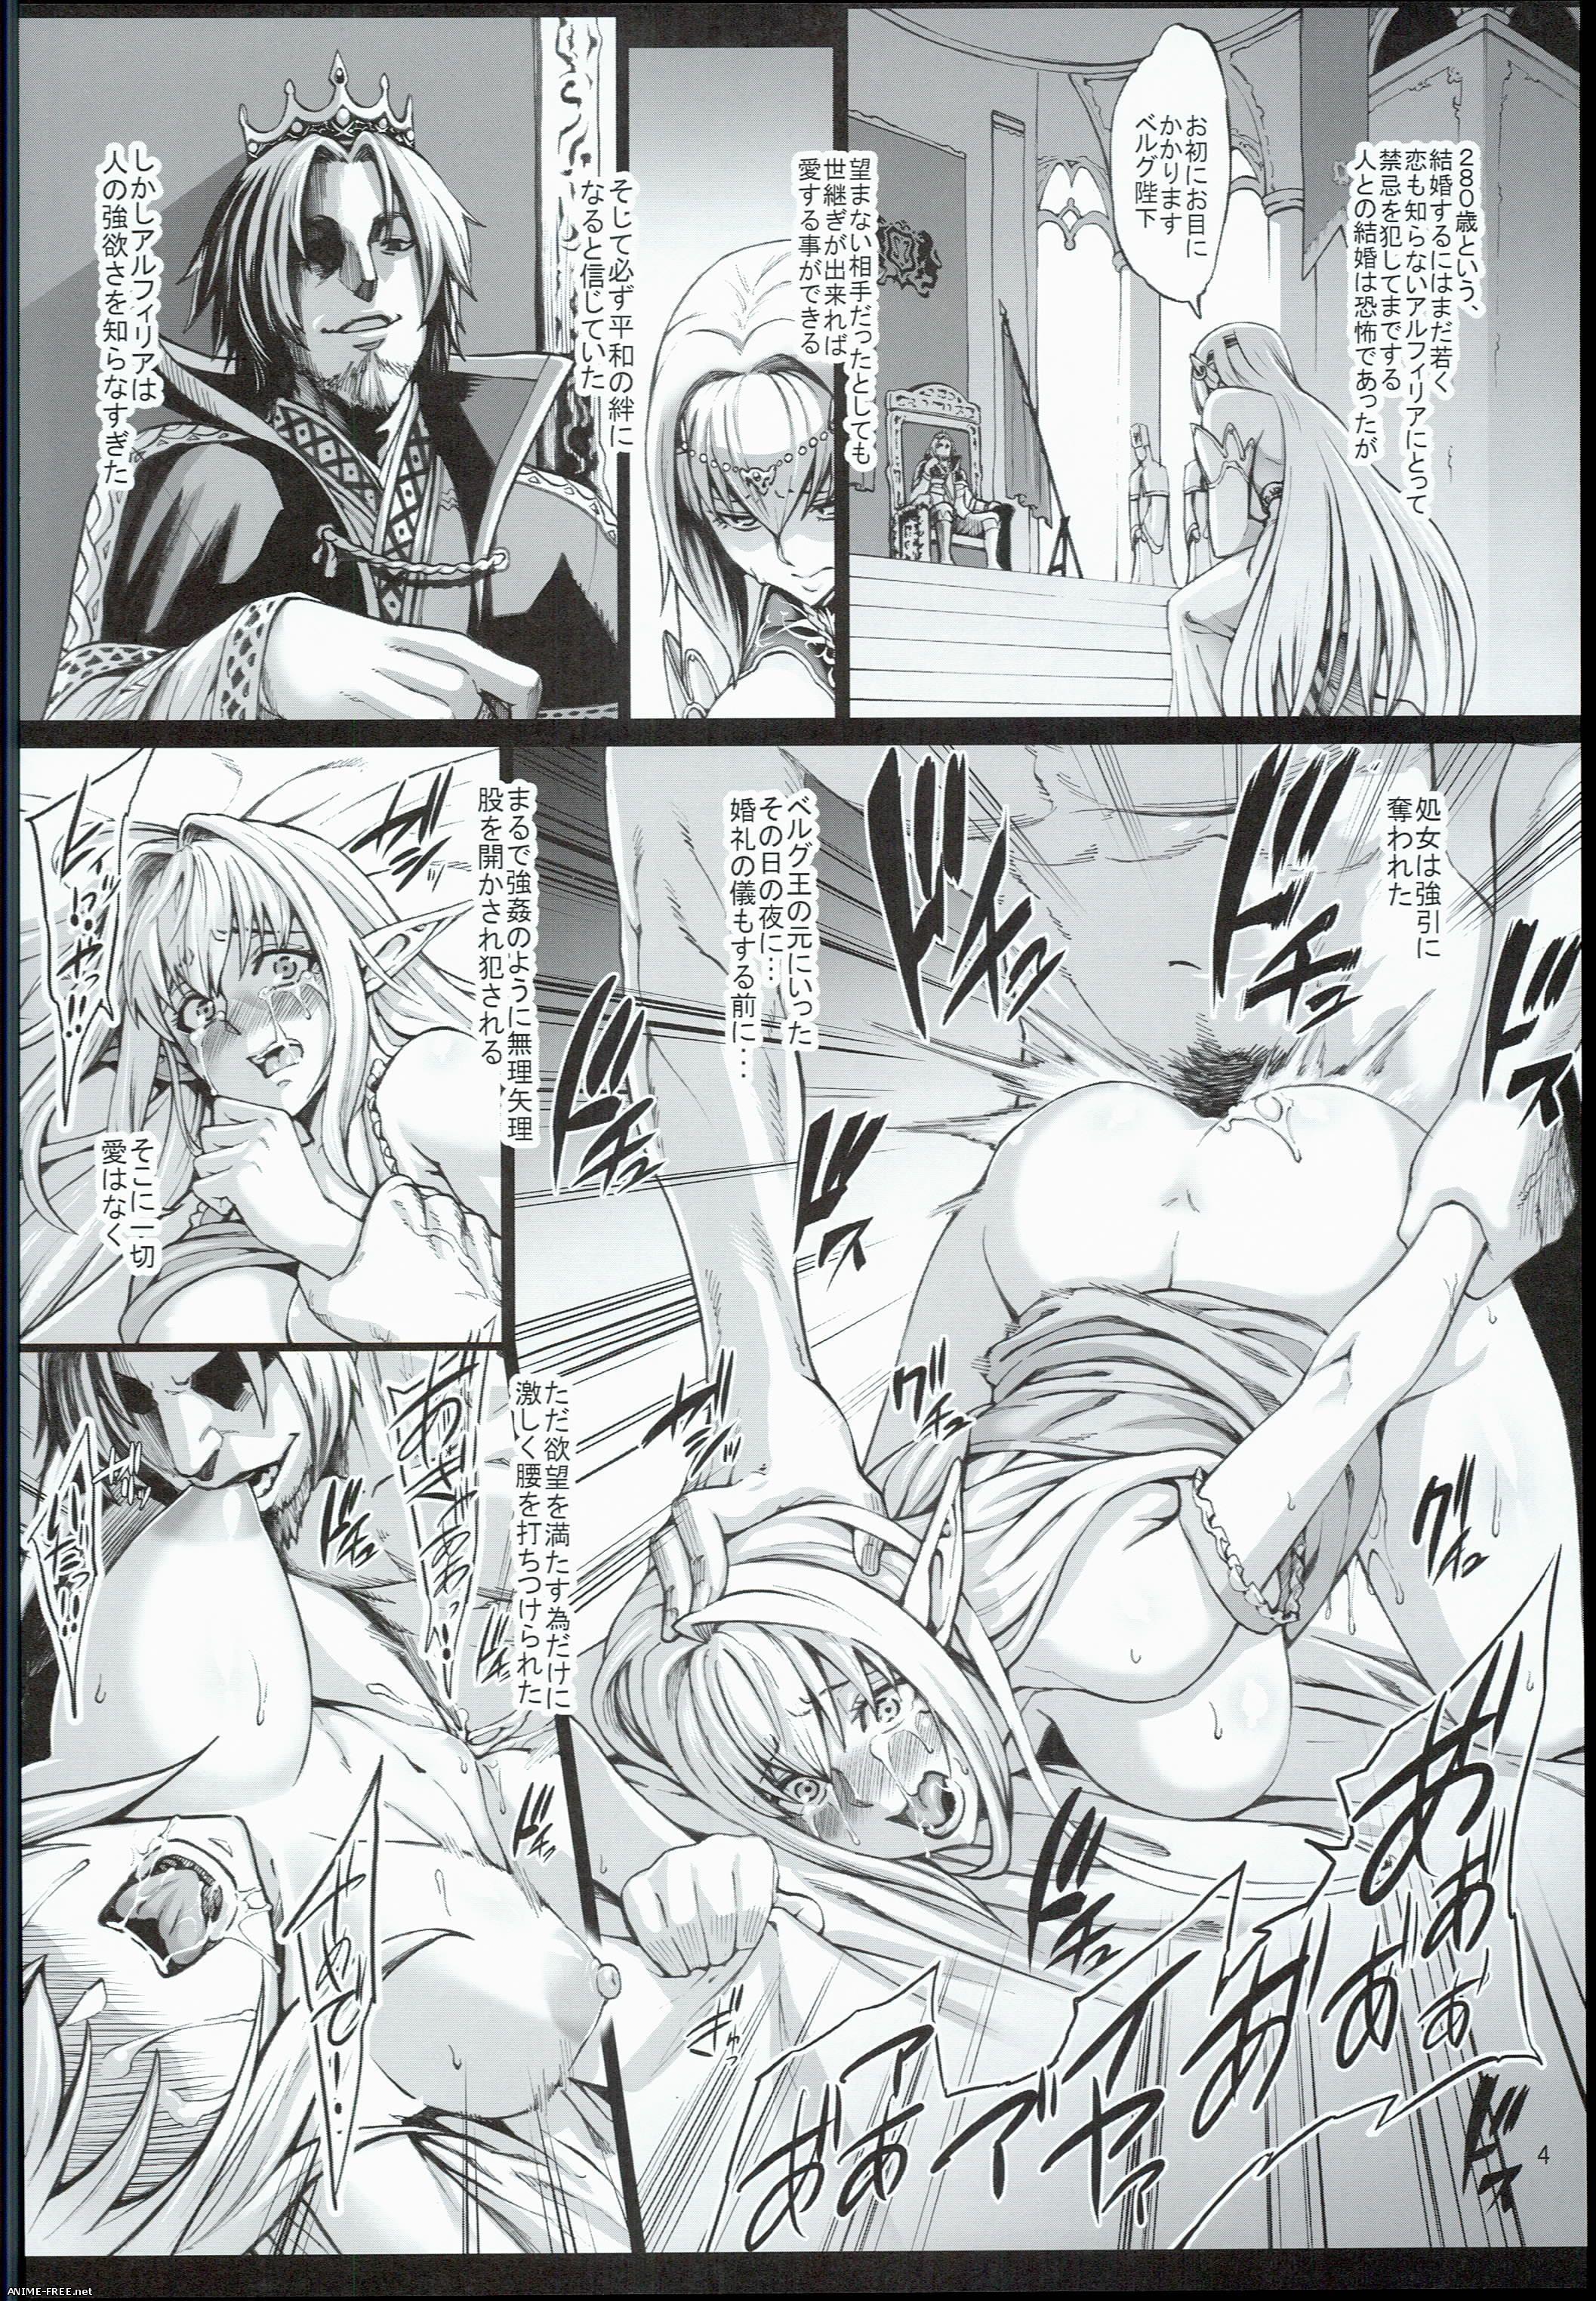 Neromasin(Aodouhu) - Сборник хентай манги [Cen] [JAP,ENG,RUS] Manga Hentai